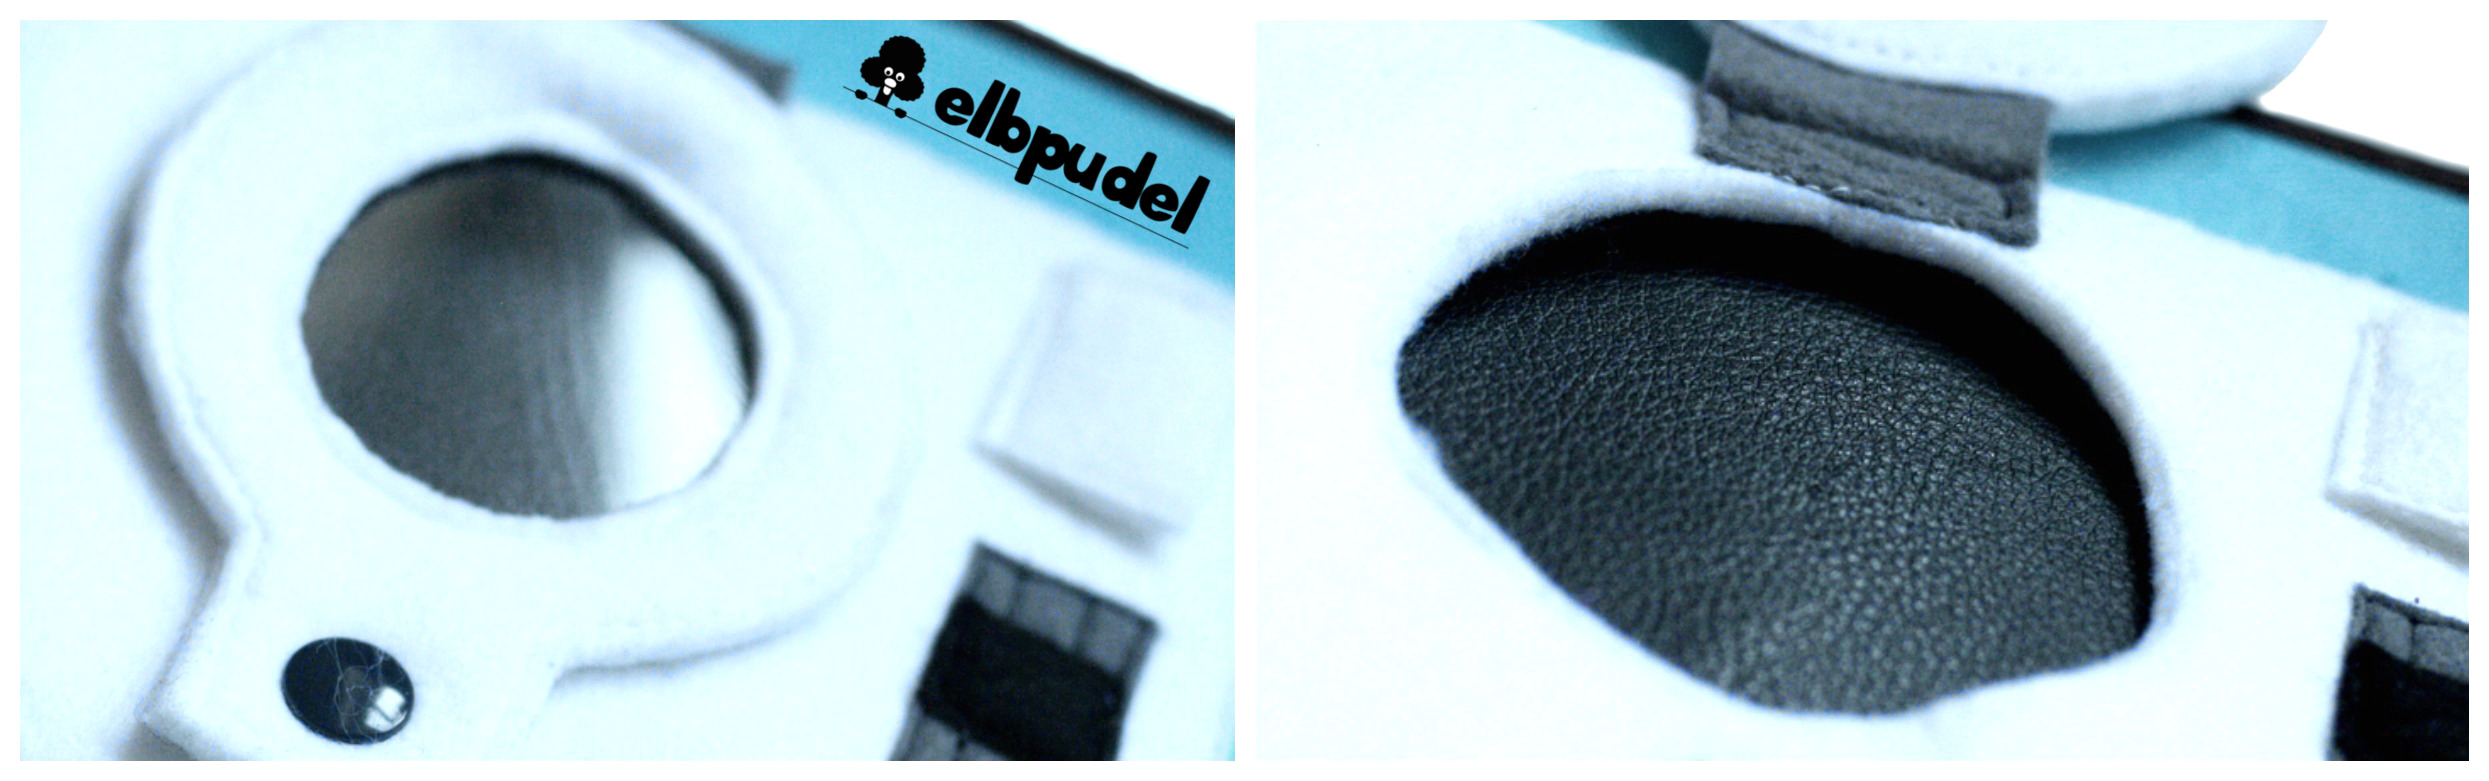 Quietbook_Waschmaschine_Details